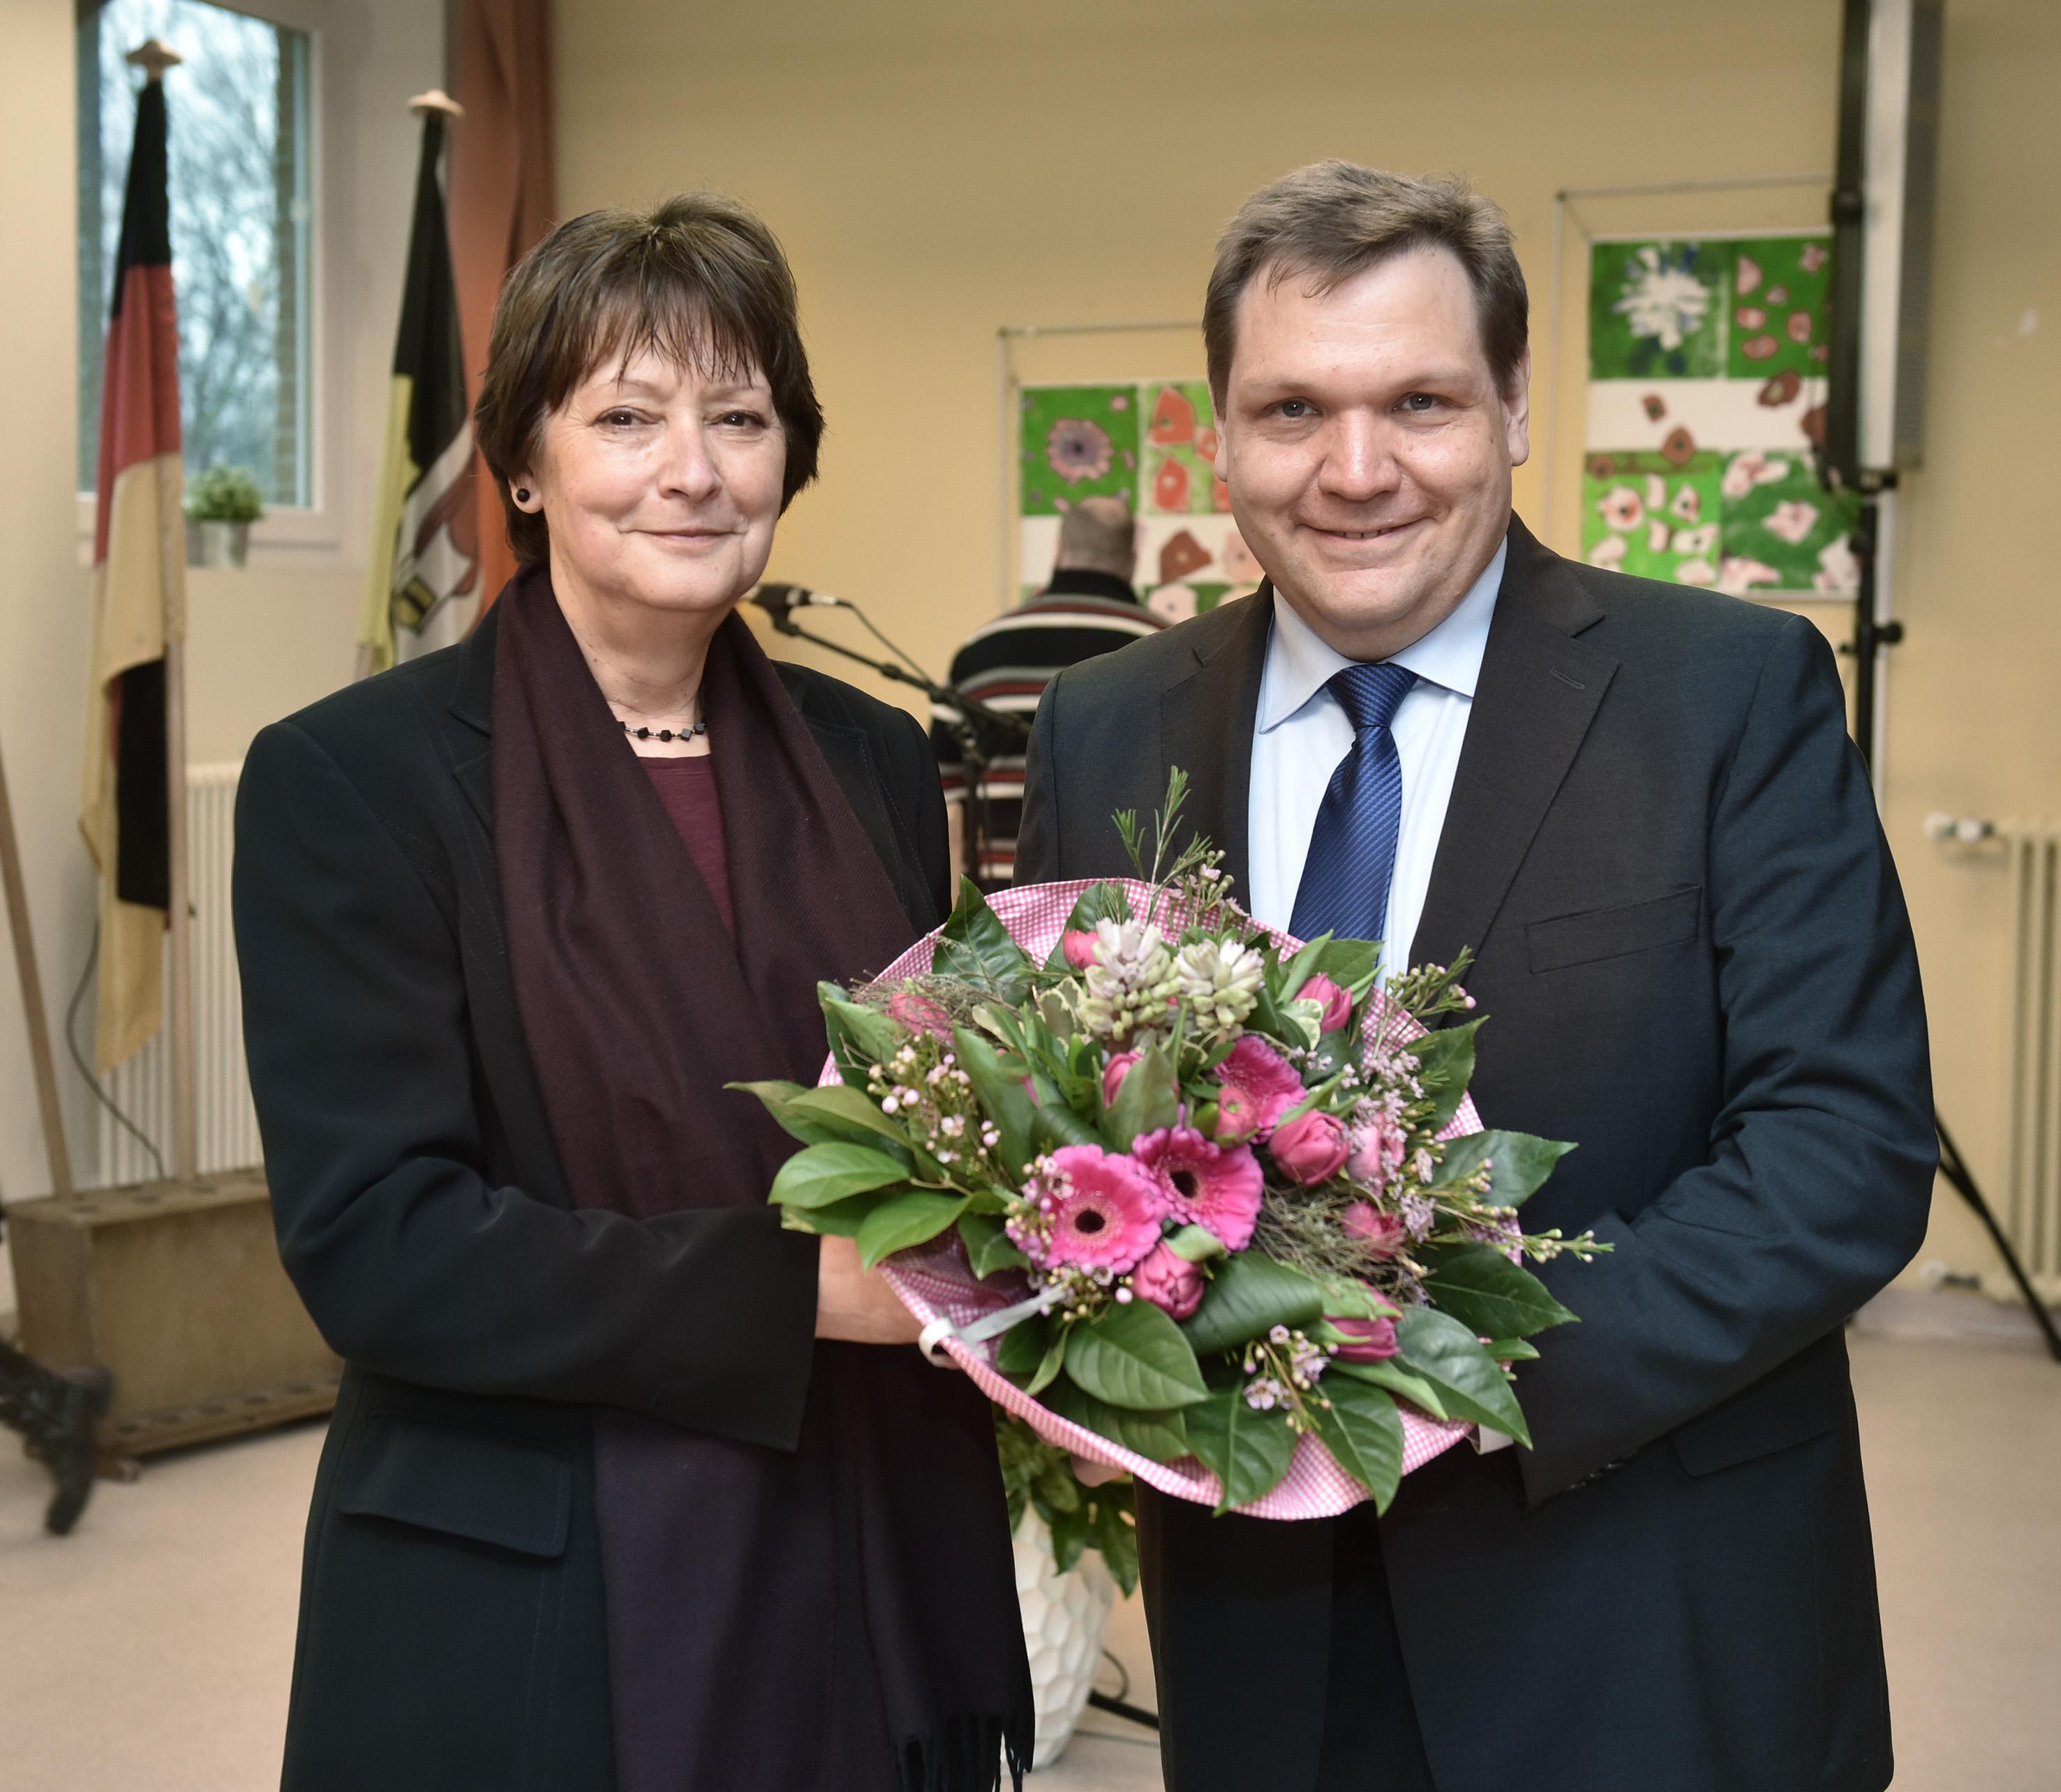 Oberbürgermeister Frank Meyer hat Elisabeth Völlings in ihr Amt als Schulleiterin der  Friedrich-von-Bodelschwingh-Schule eingeführt (Foto: Stadt Krefeld)